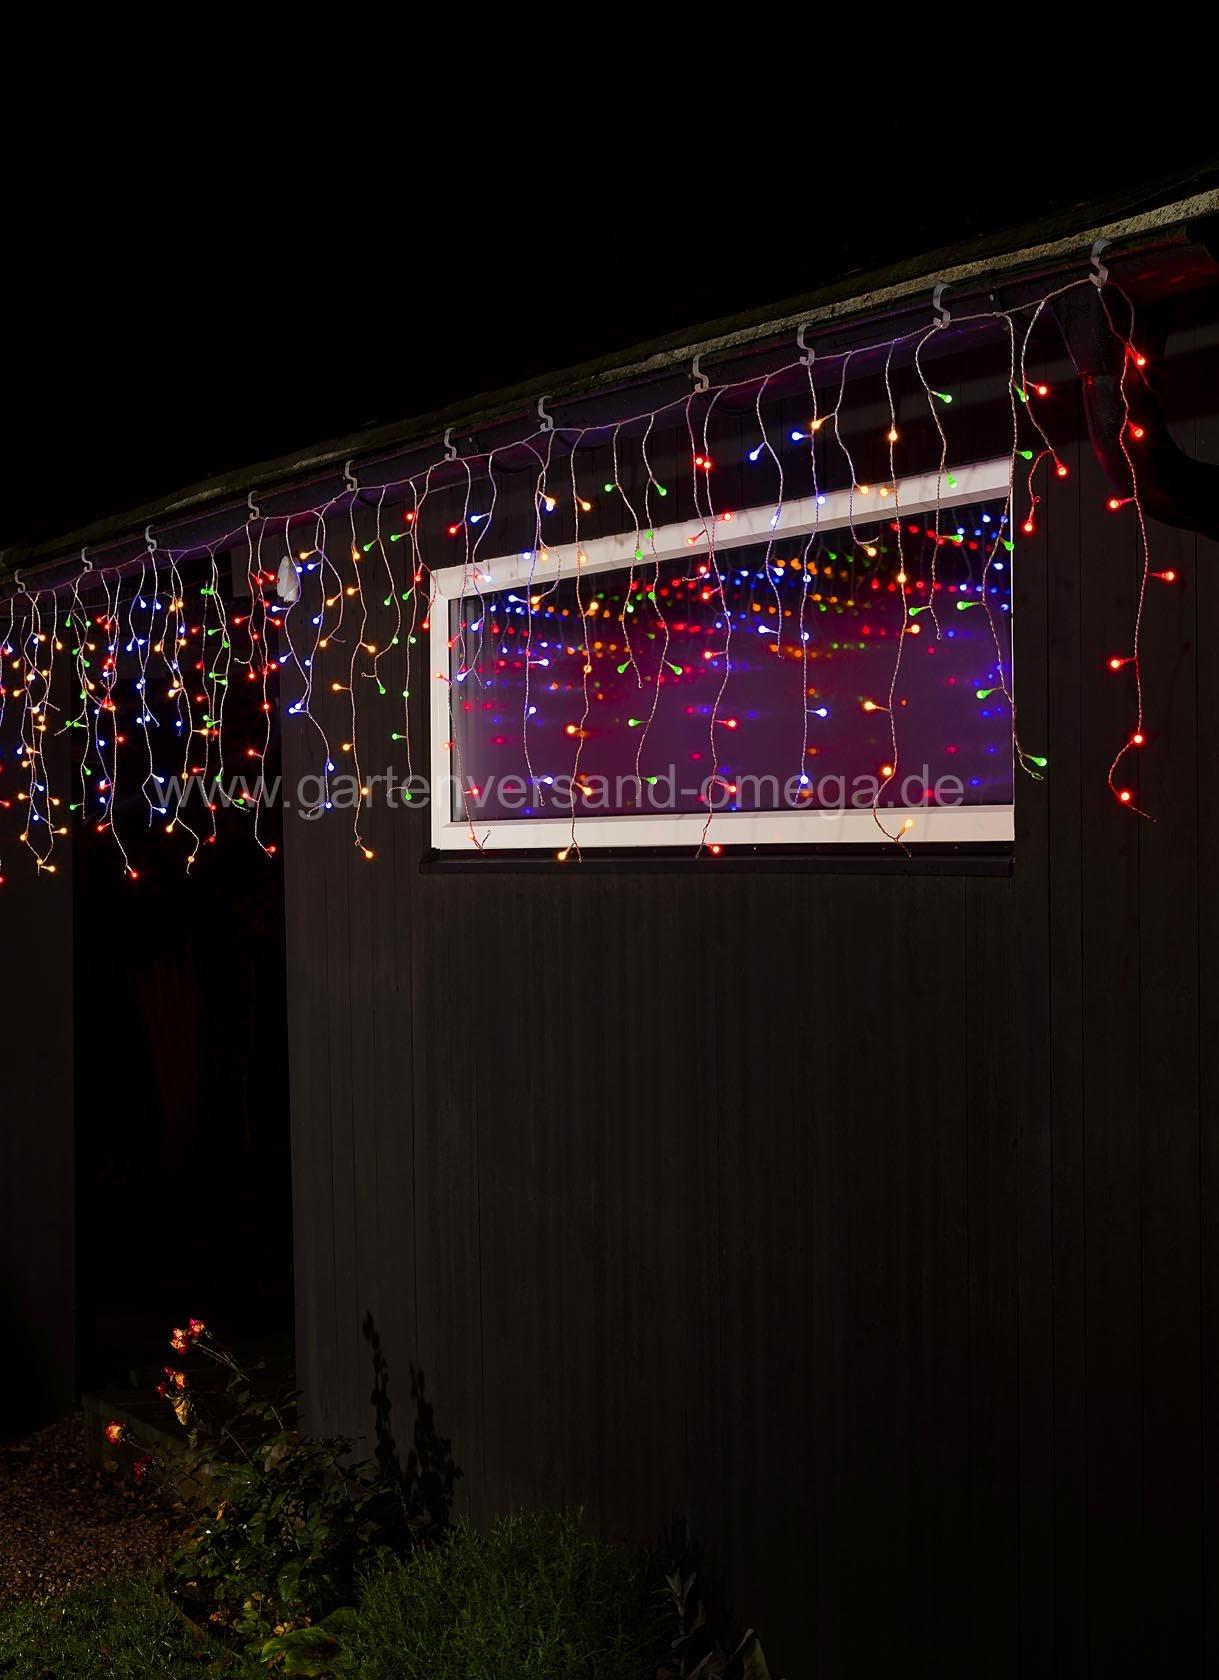 led eisregen lichtervorhang bunt 400 globe leds fensterschmuck beleuchtet. Black Bedroom Furniture Sets. Home Design Ideas